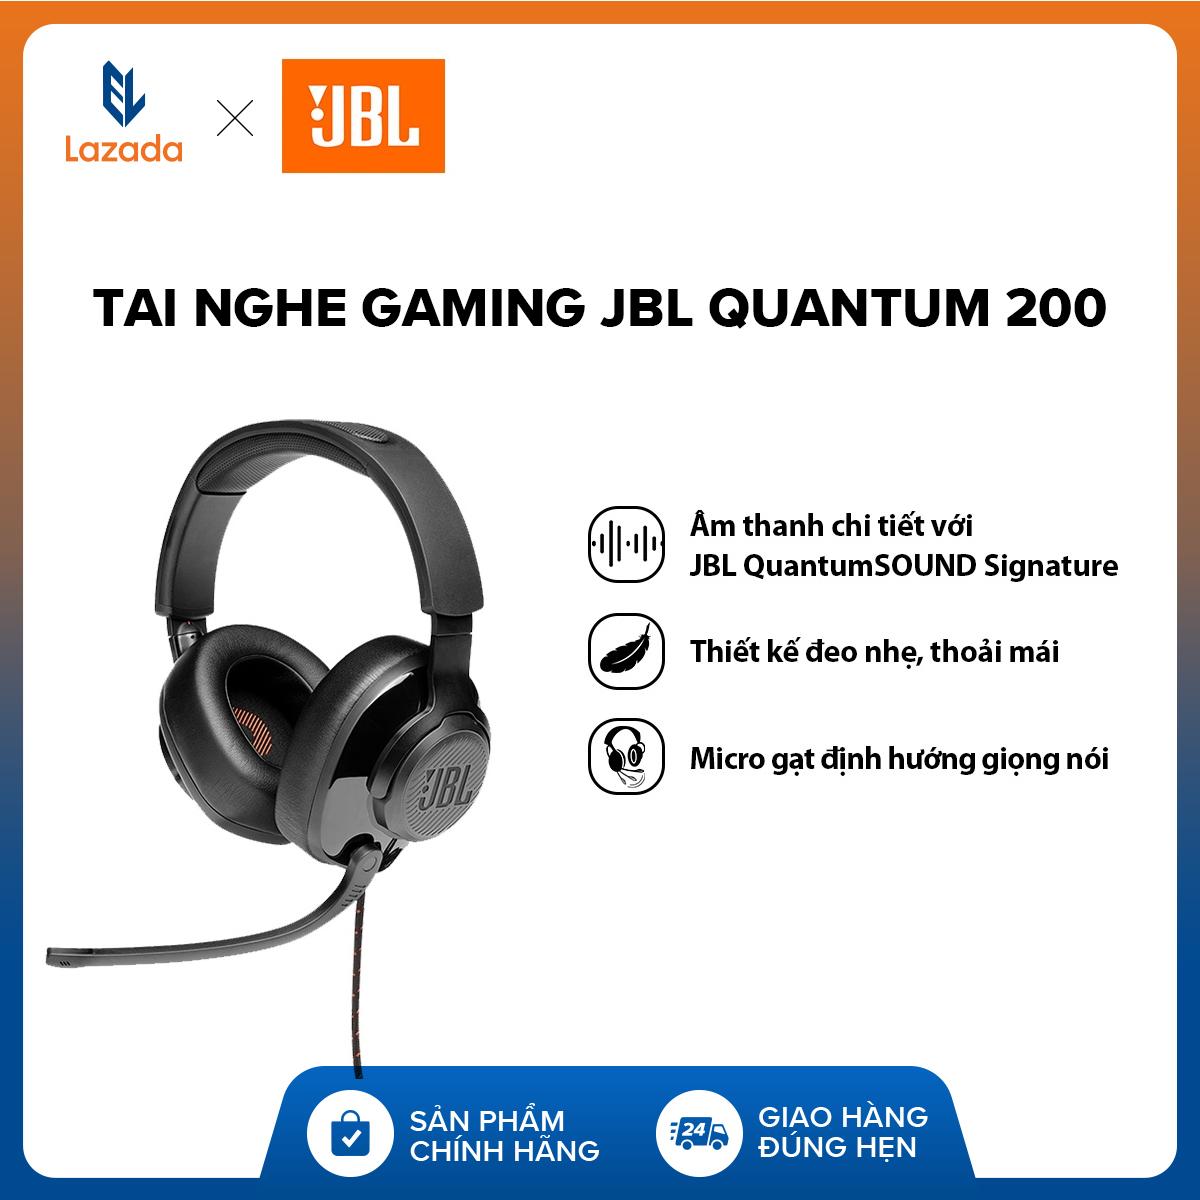 Deal Khuyến Mãi [VOUCHER 10% - HÀNG CHÍNH HÃNG] Tai Nghe Gaming JBL Quantum 200 L Công Nghệ JBL QuantumSOUND Signature L Driver 50mm L Đệm Tai Xốp Thoải Mái L Tương Thích đa Nền Tảng